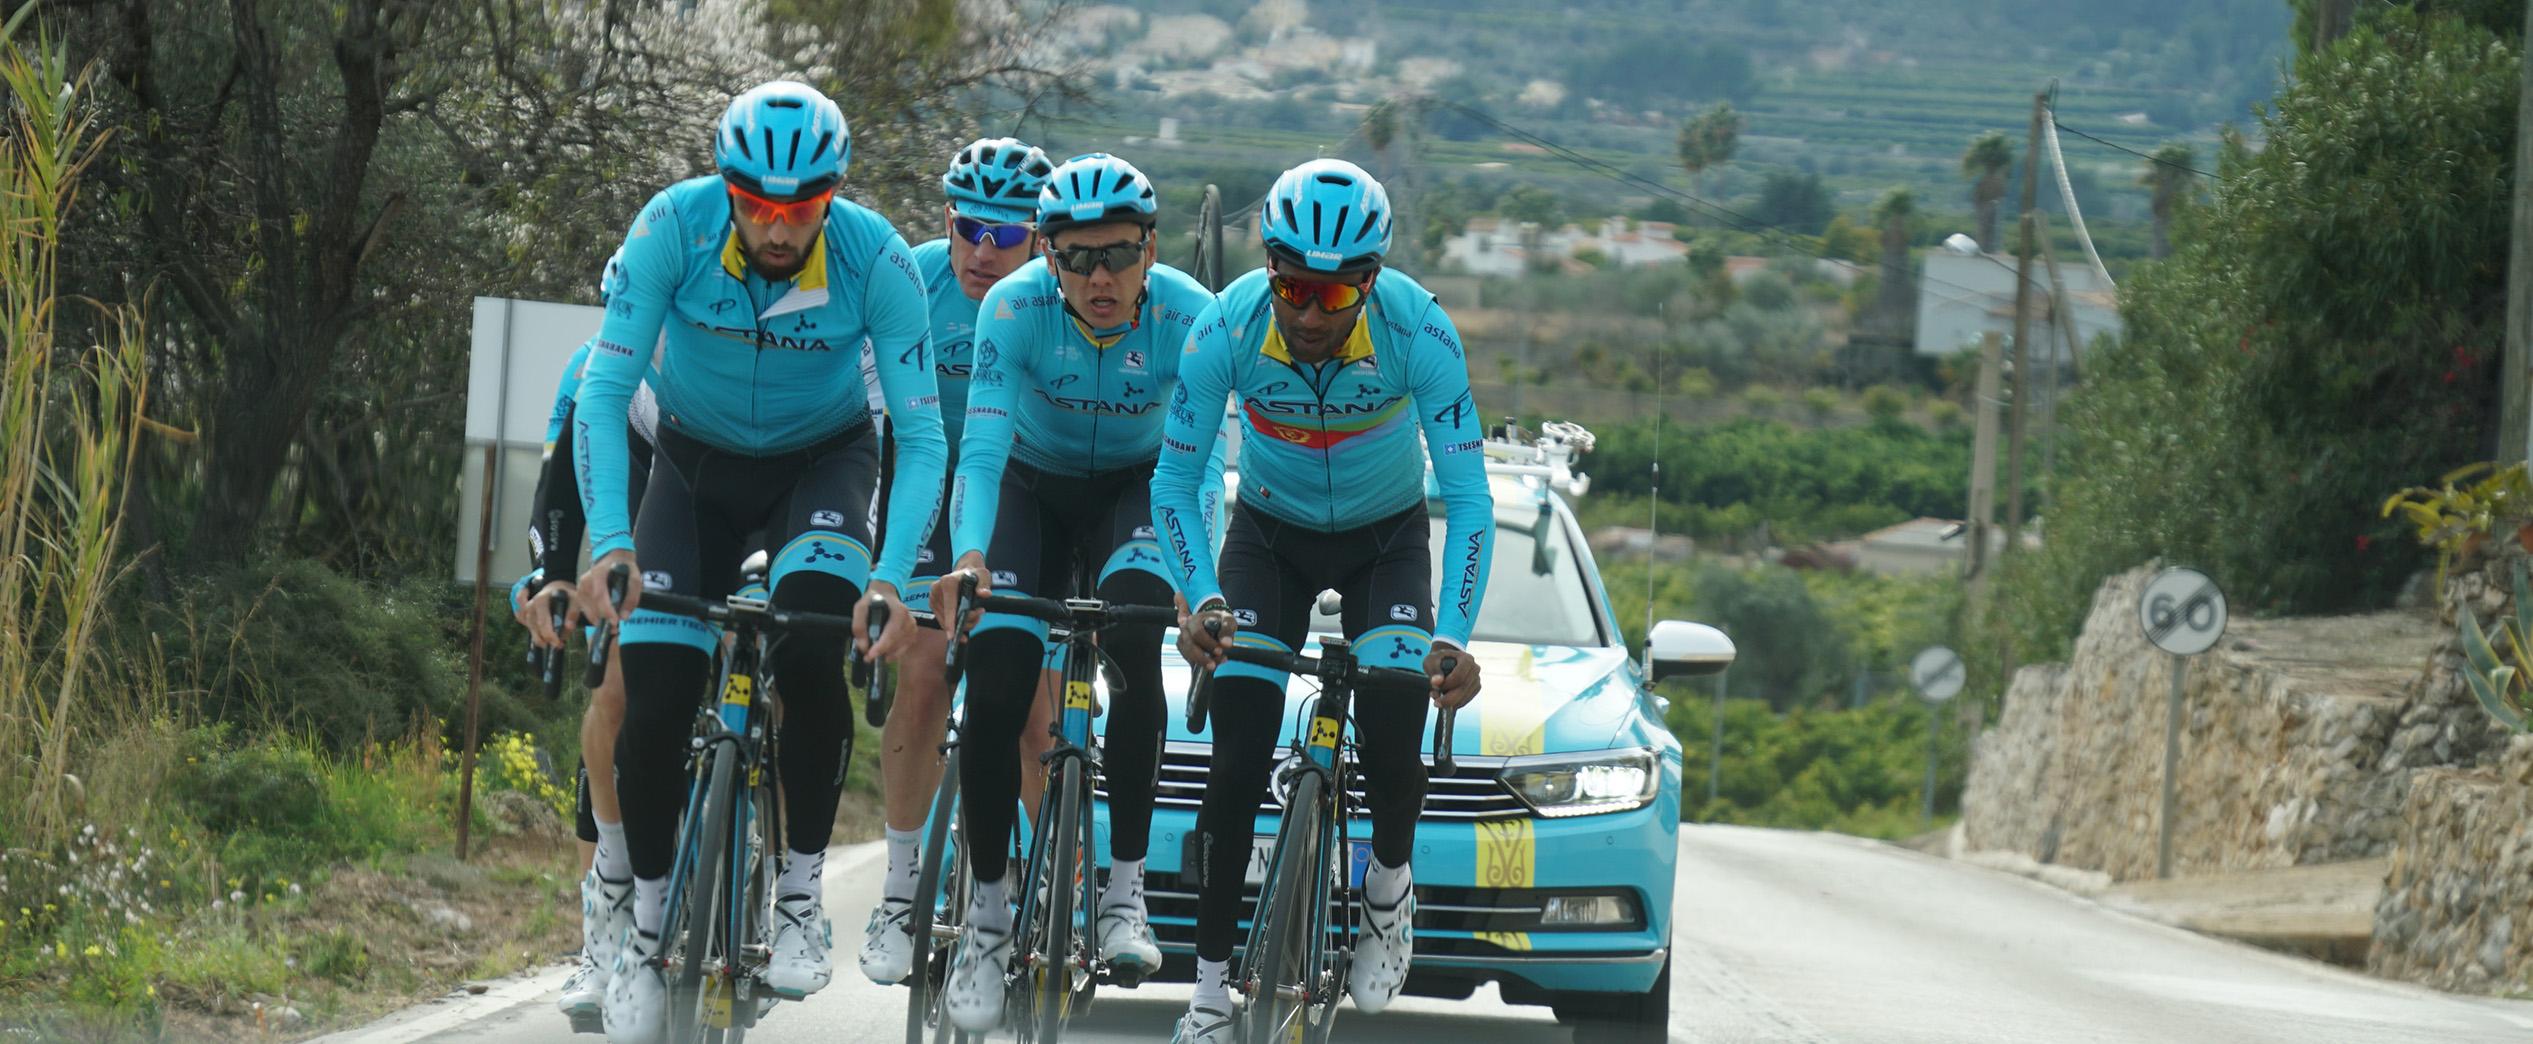 Effetti dell'allenamento a basse cadenze nel ciclismo